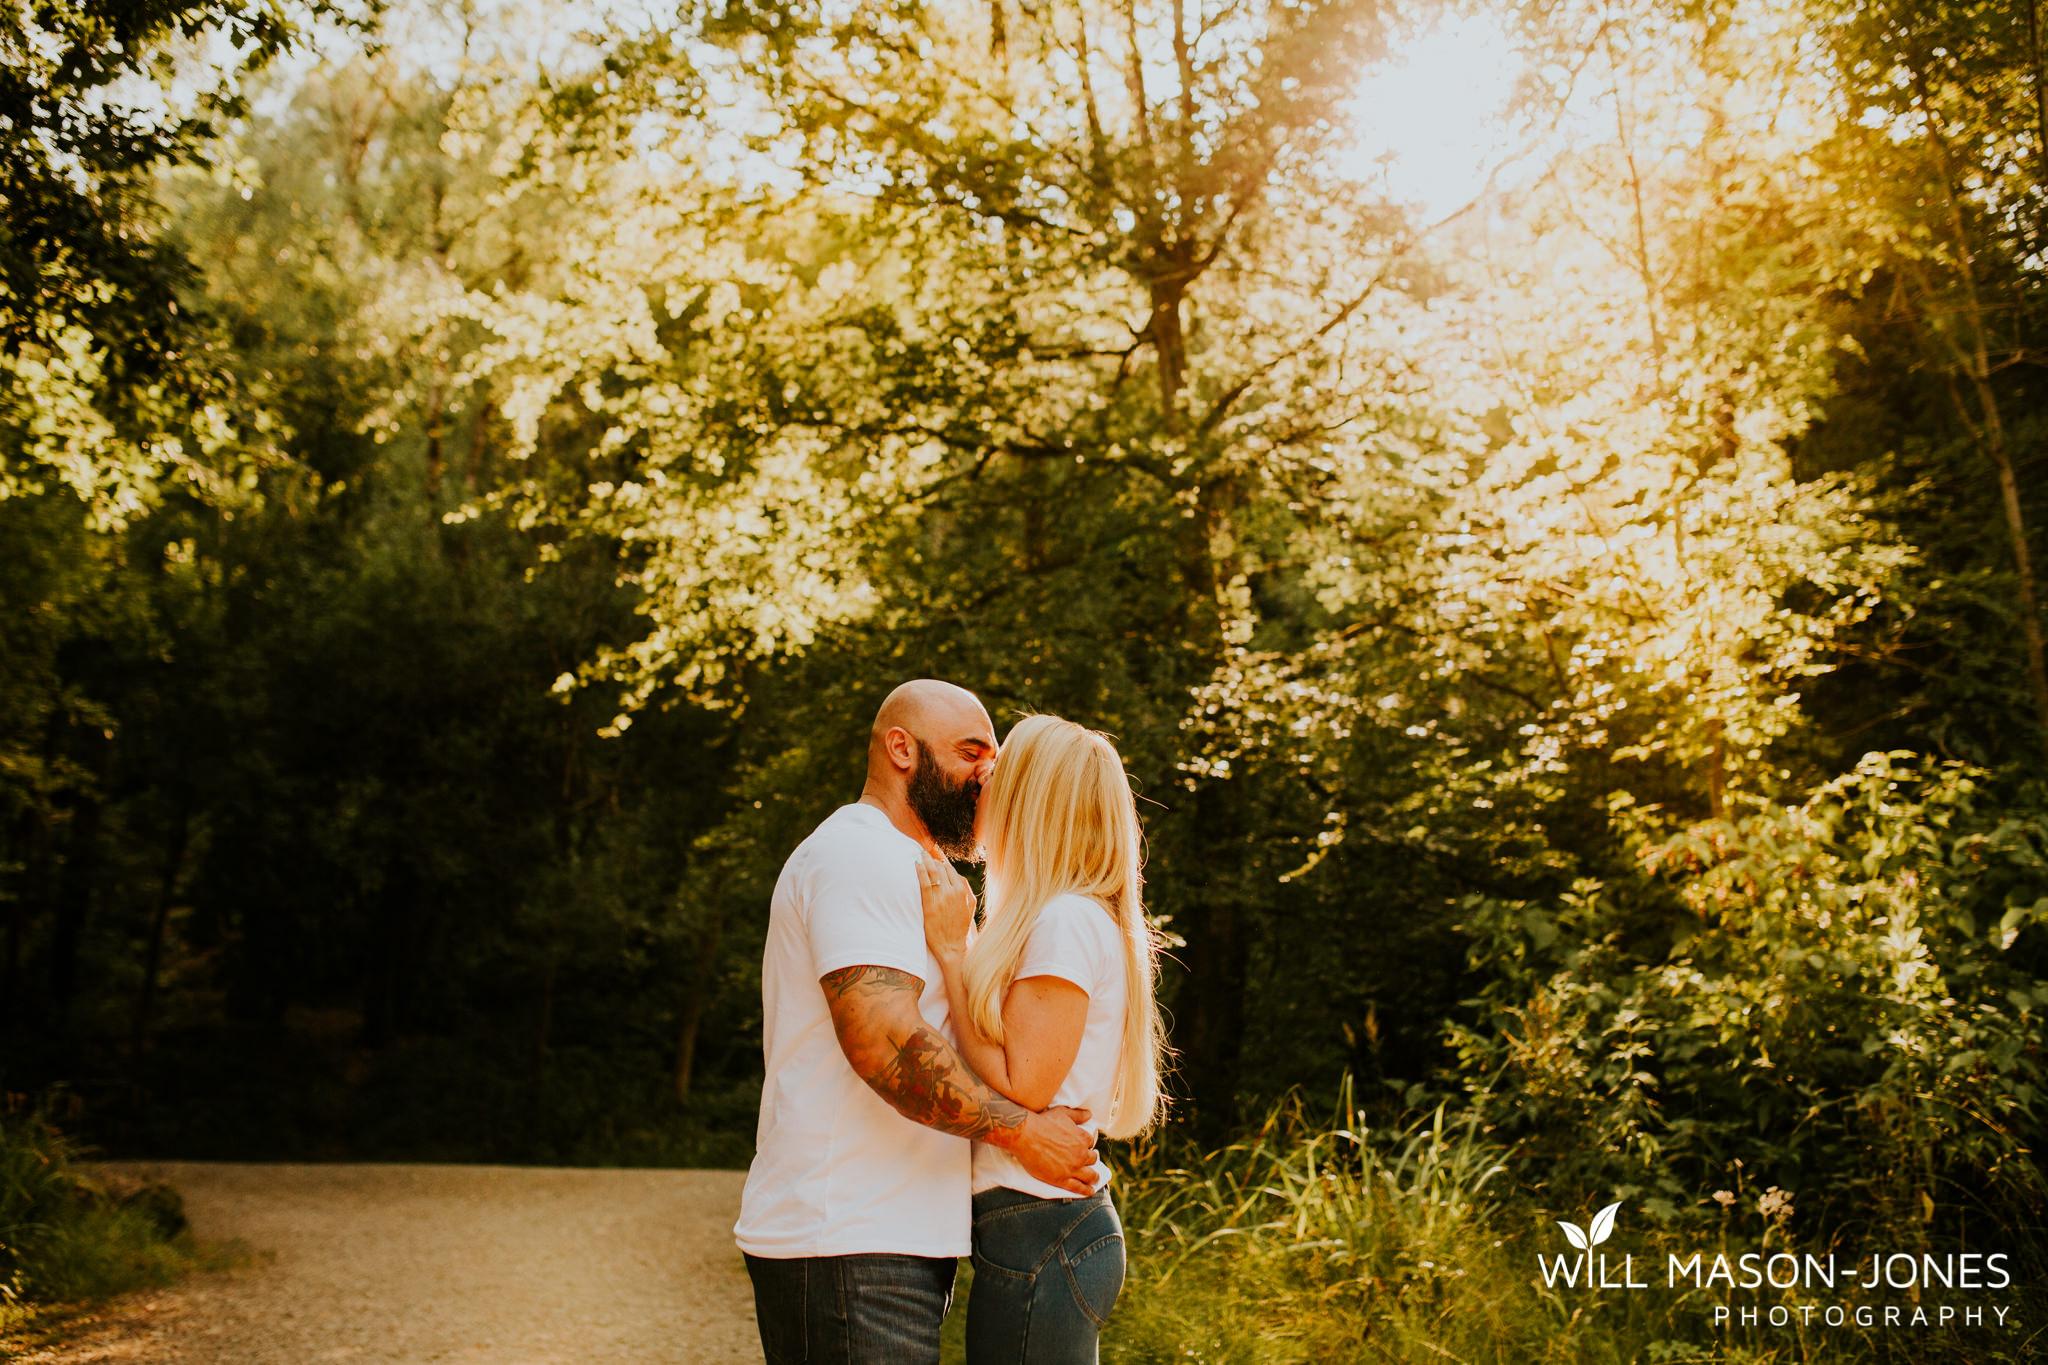 penllegaer-woods-couple-engagement-photographer-swansea-48.jpg